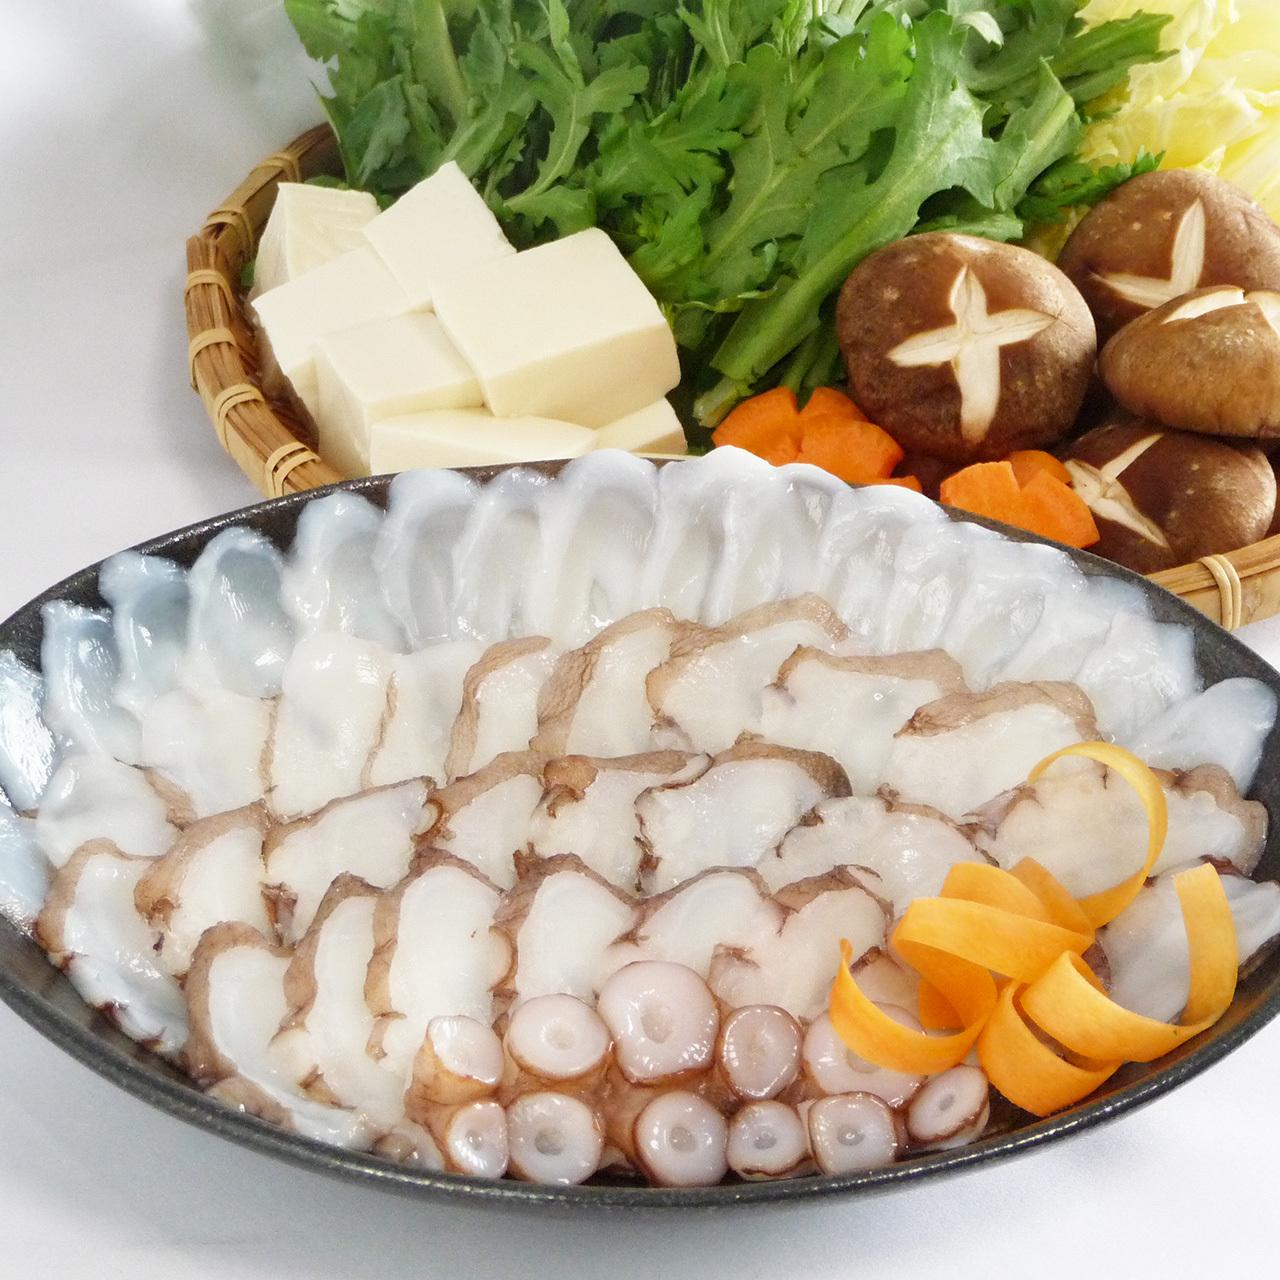 明石蛸のたこしゃぶ(3人用・210g)【五つ星ひょうご選定品】